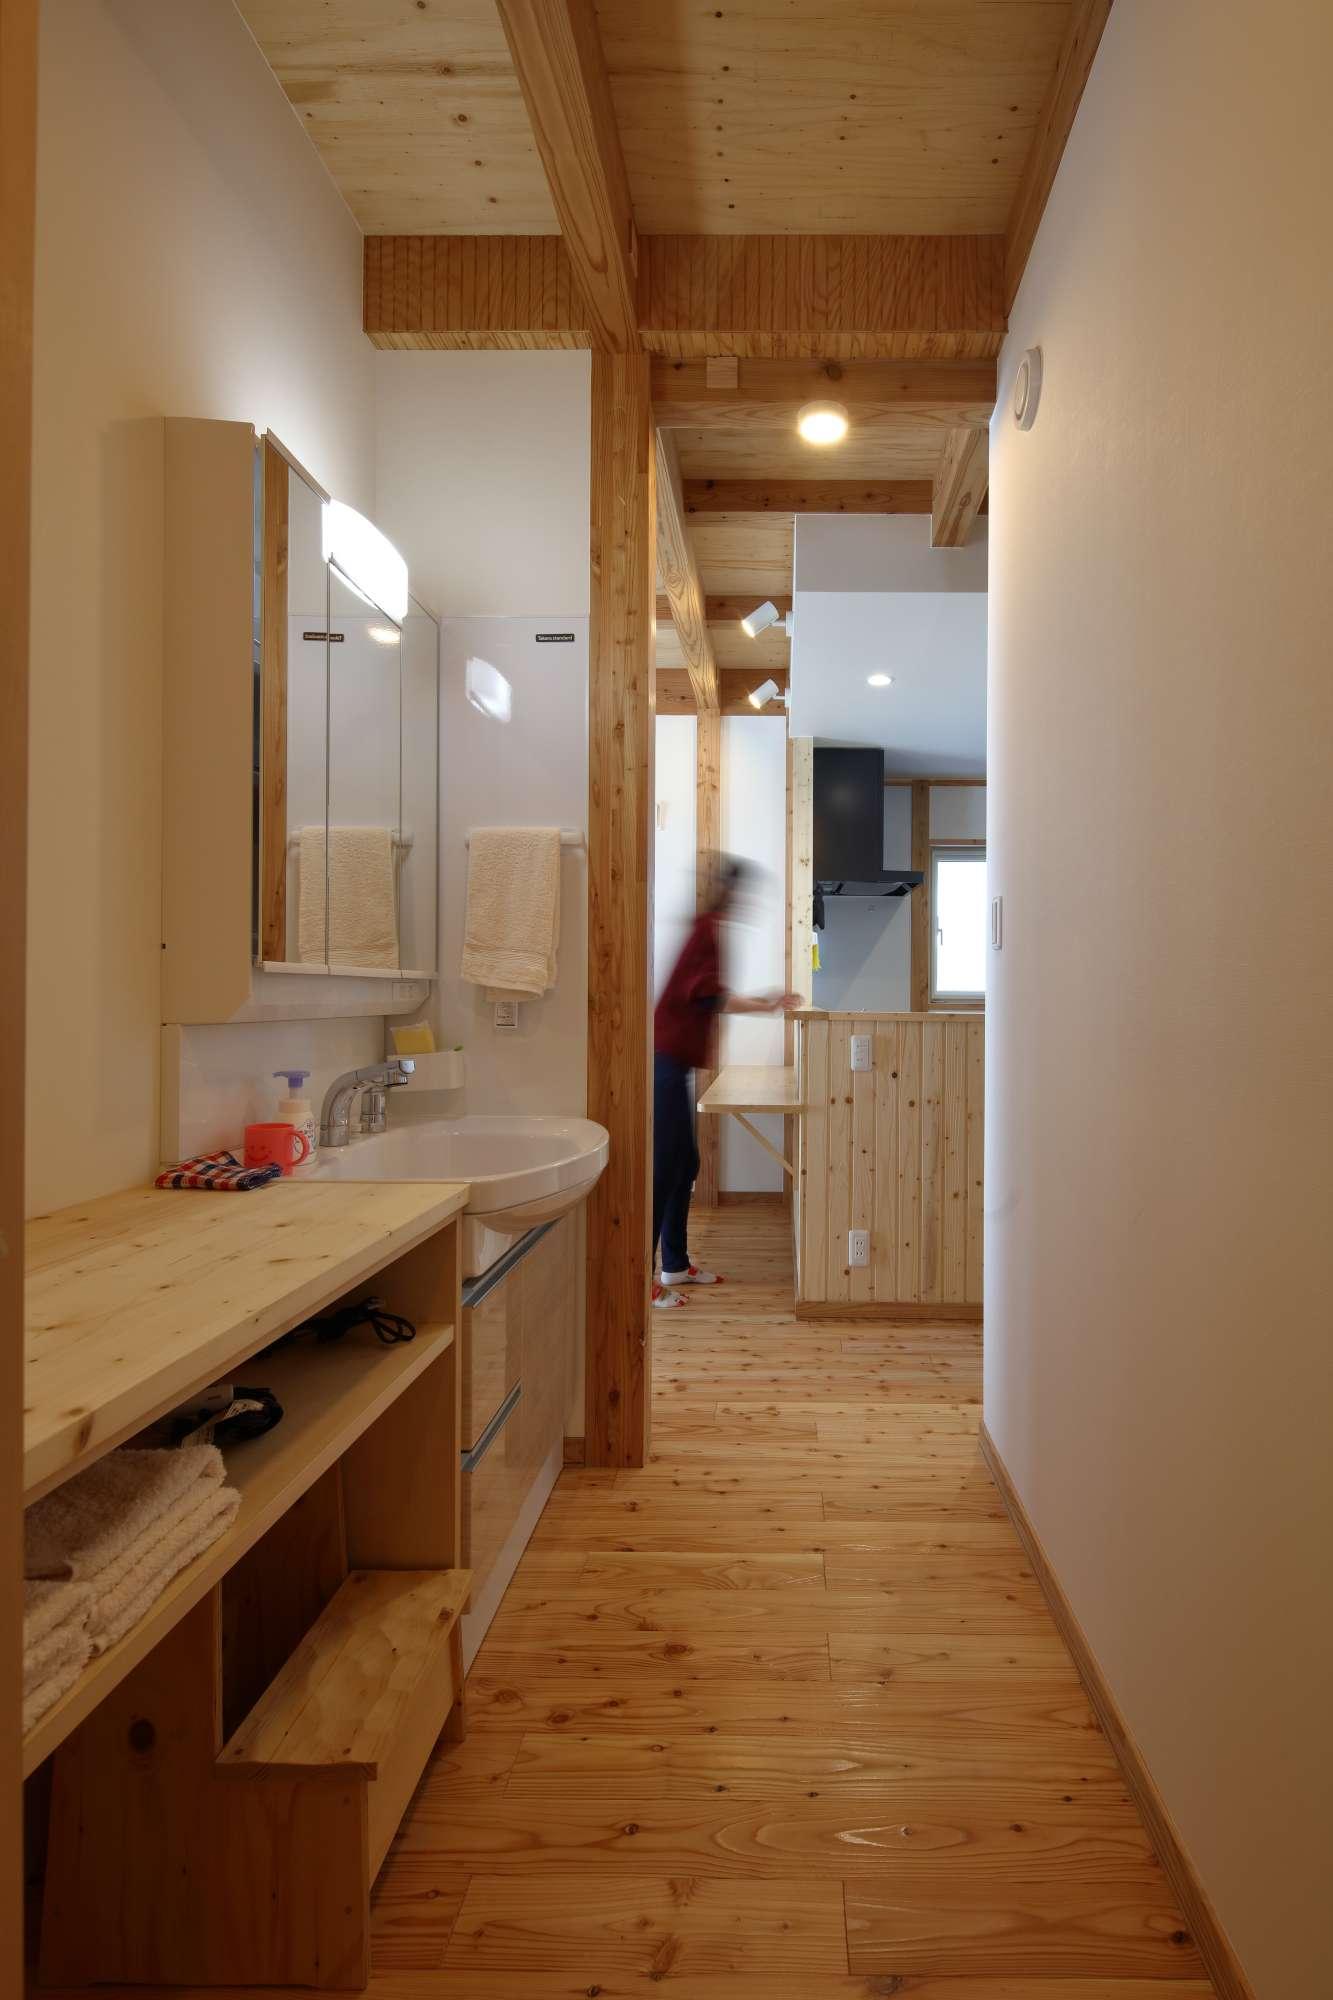 洗面室の家事カウンターは、洗濯物の整理に大活躍 -  -  -